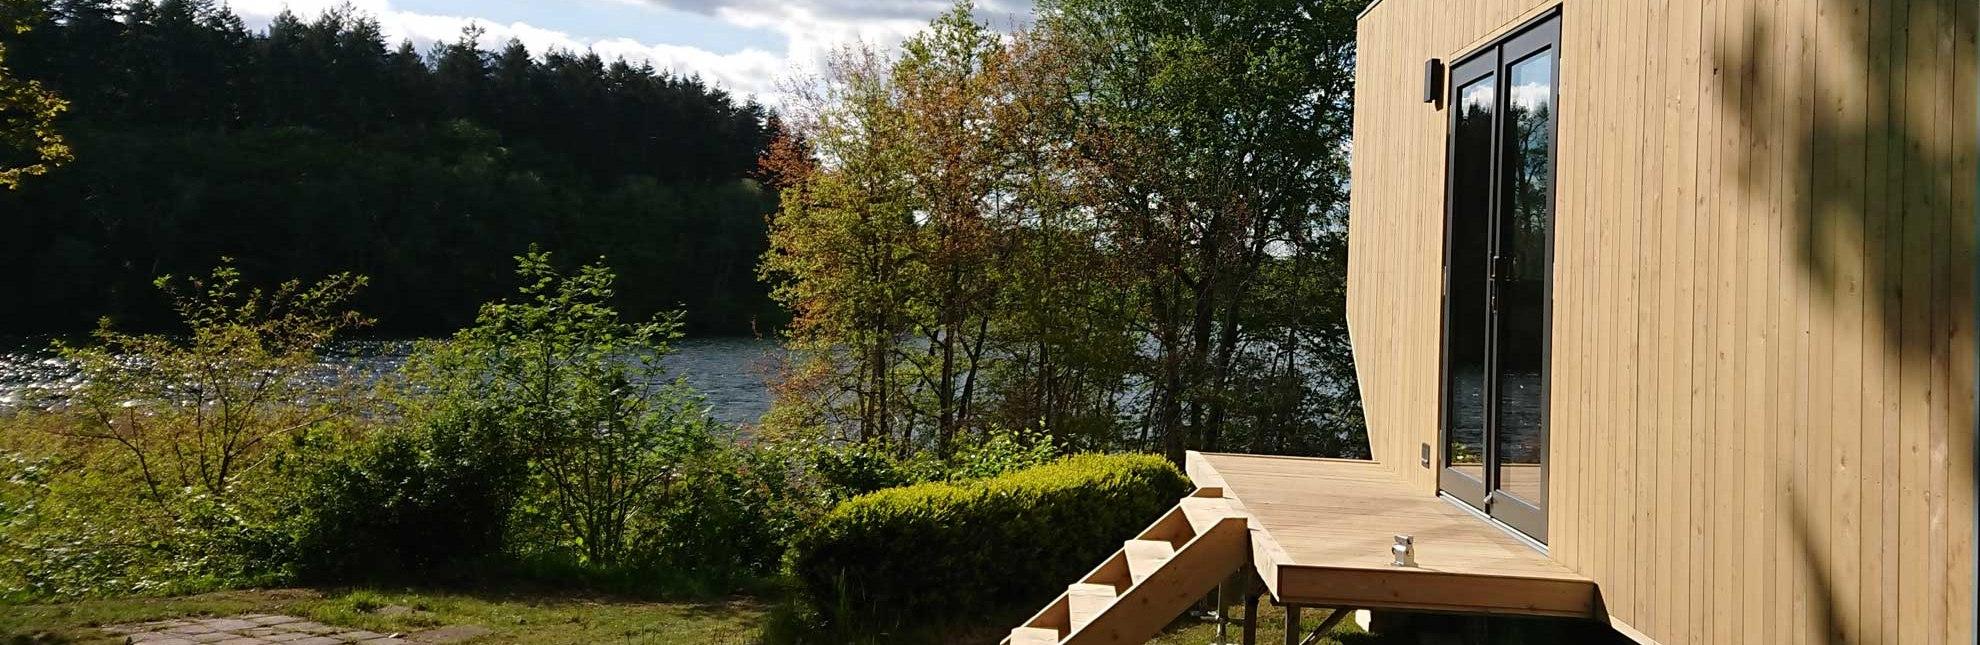 Das Green Tiny House befindet sich in unmittelbarer Nähe vom Salemer See., © HLMS GmbH